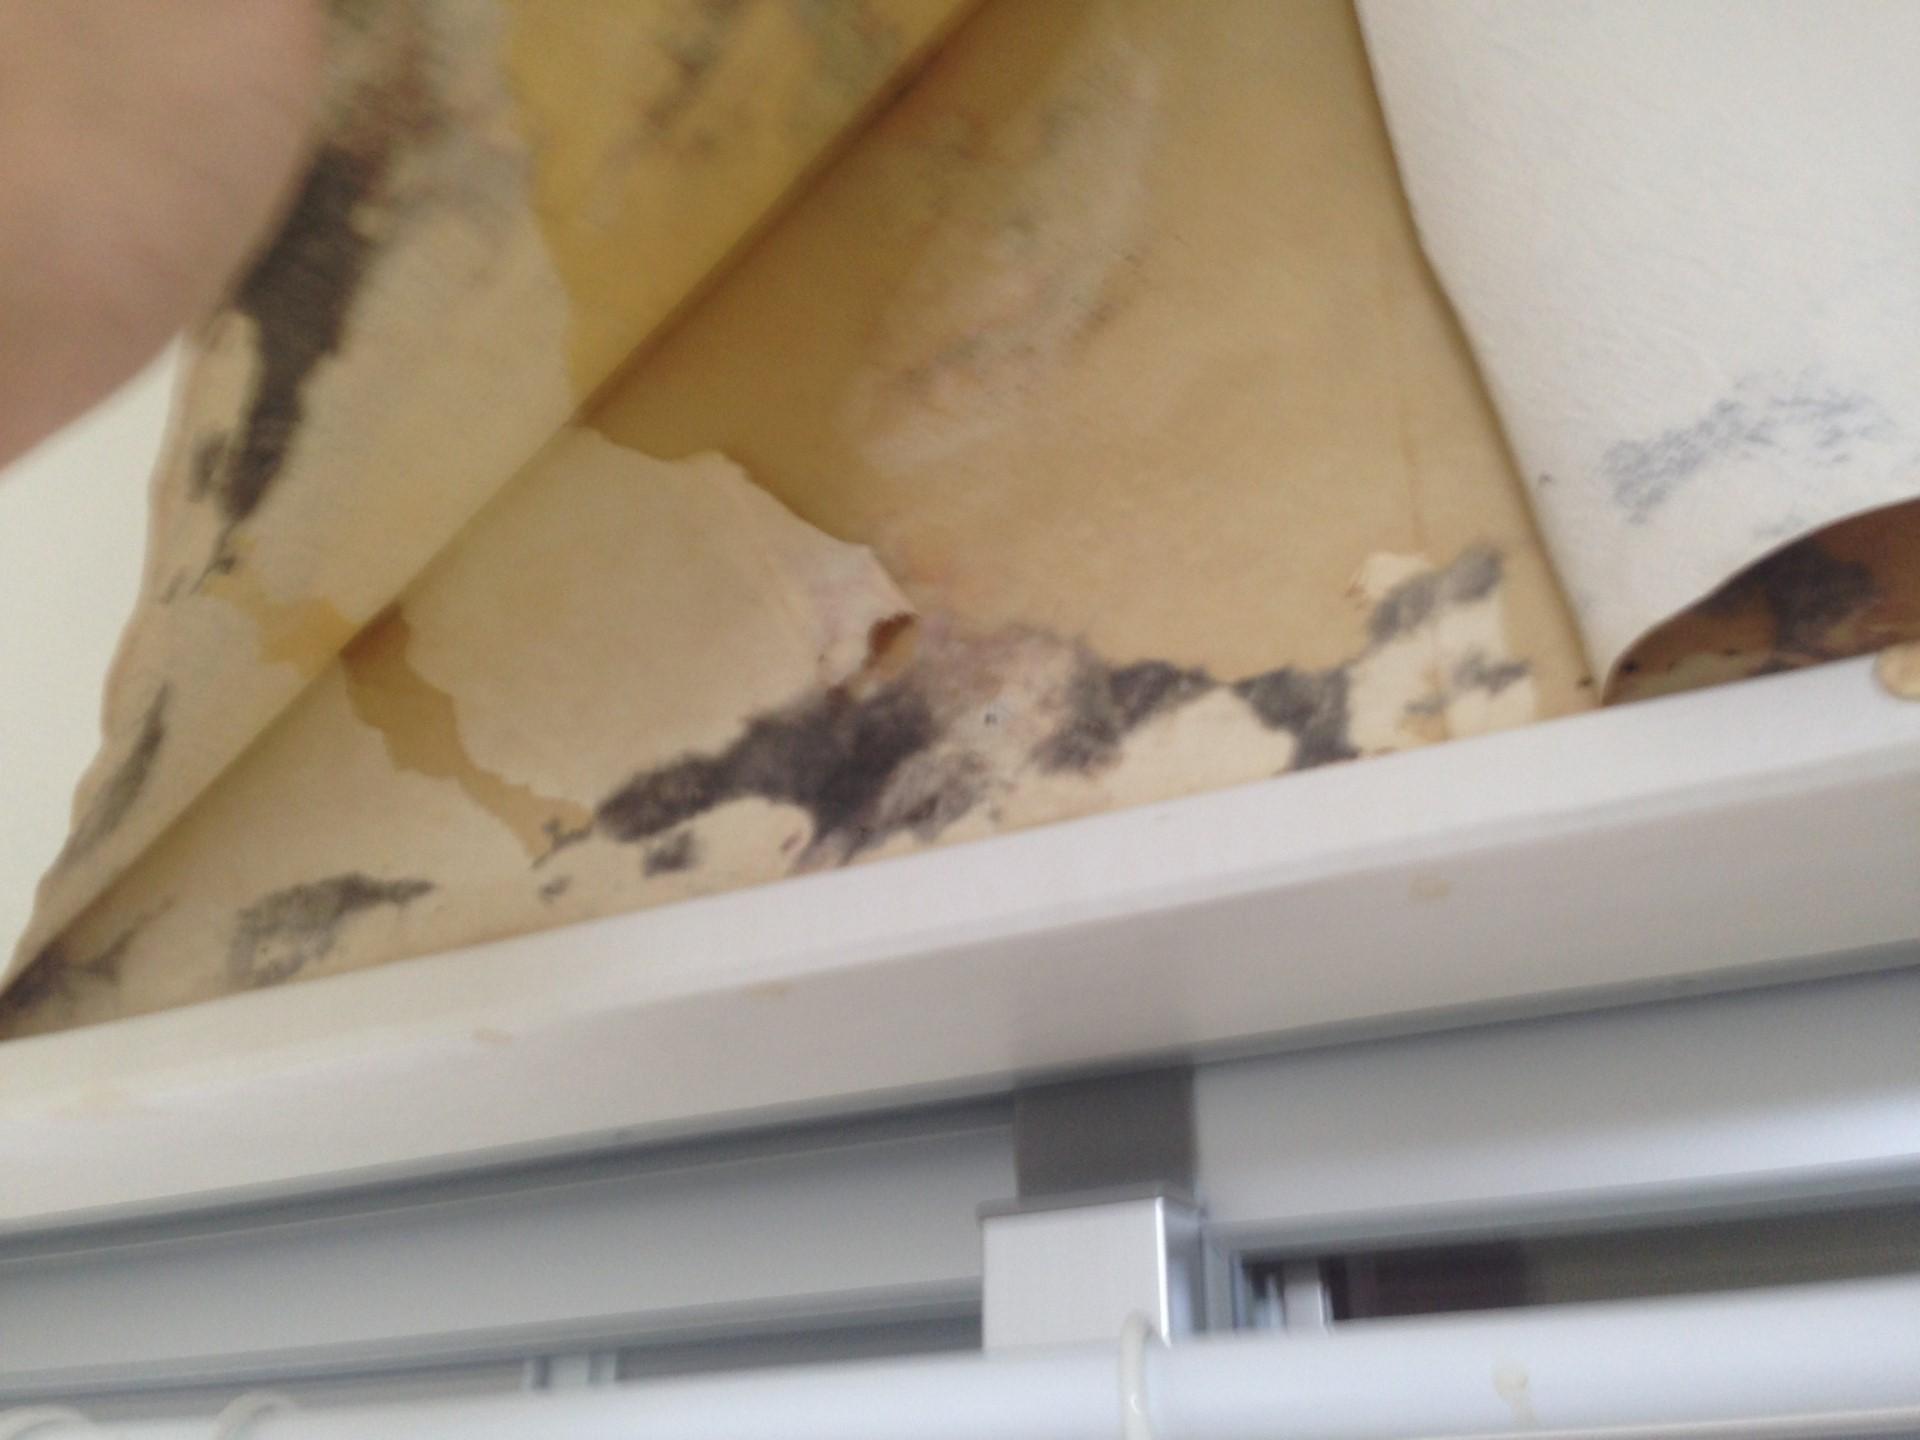 カビ隠しで上から塗装した場合の悲劇